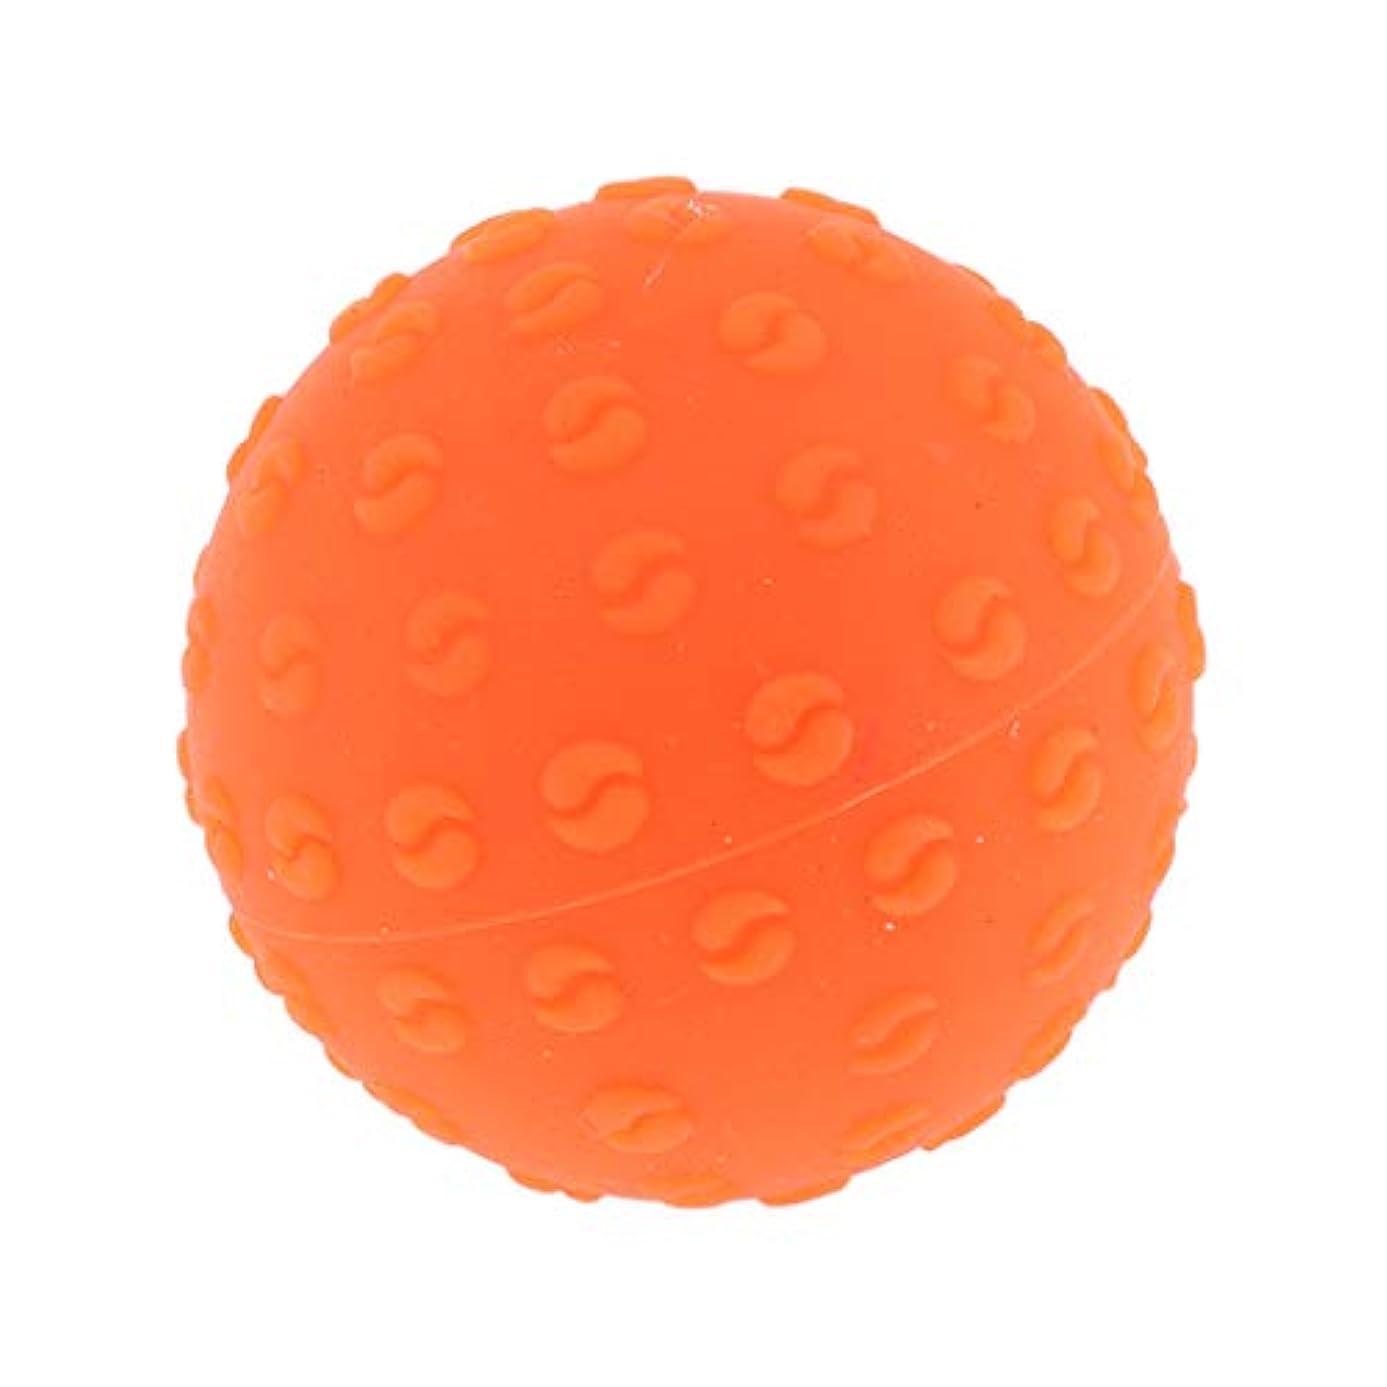 後者ファッション松全6色 シリコーンマッサージボール 指圧ボール トリガーポイント ヨガ 肩、足、首、腕 解消 耐摩耗 - オレンジ, 説明のとおり